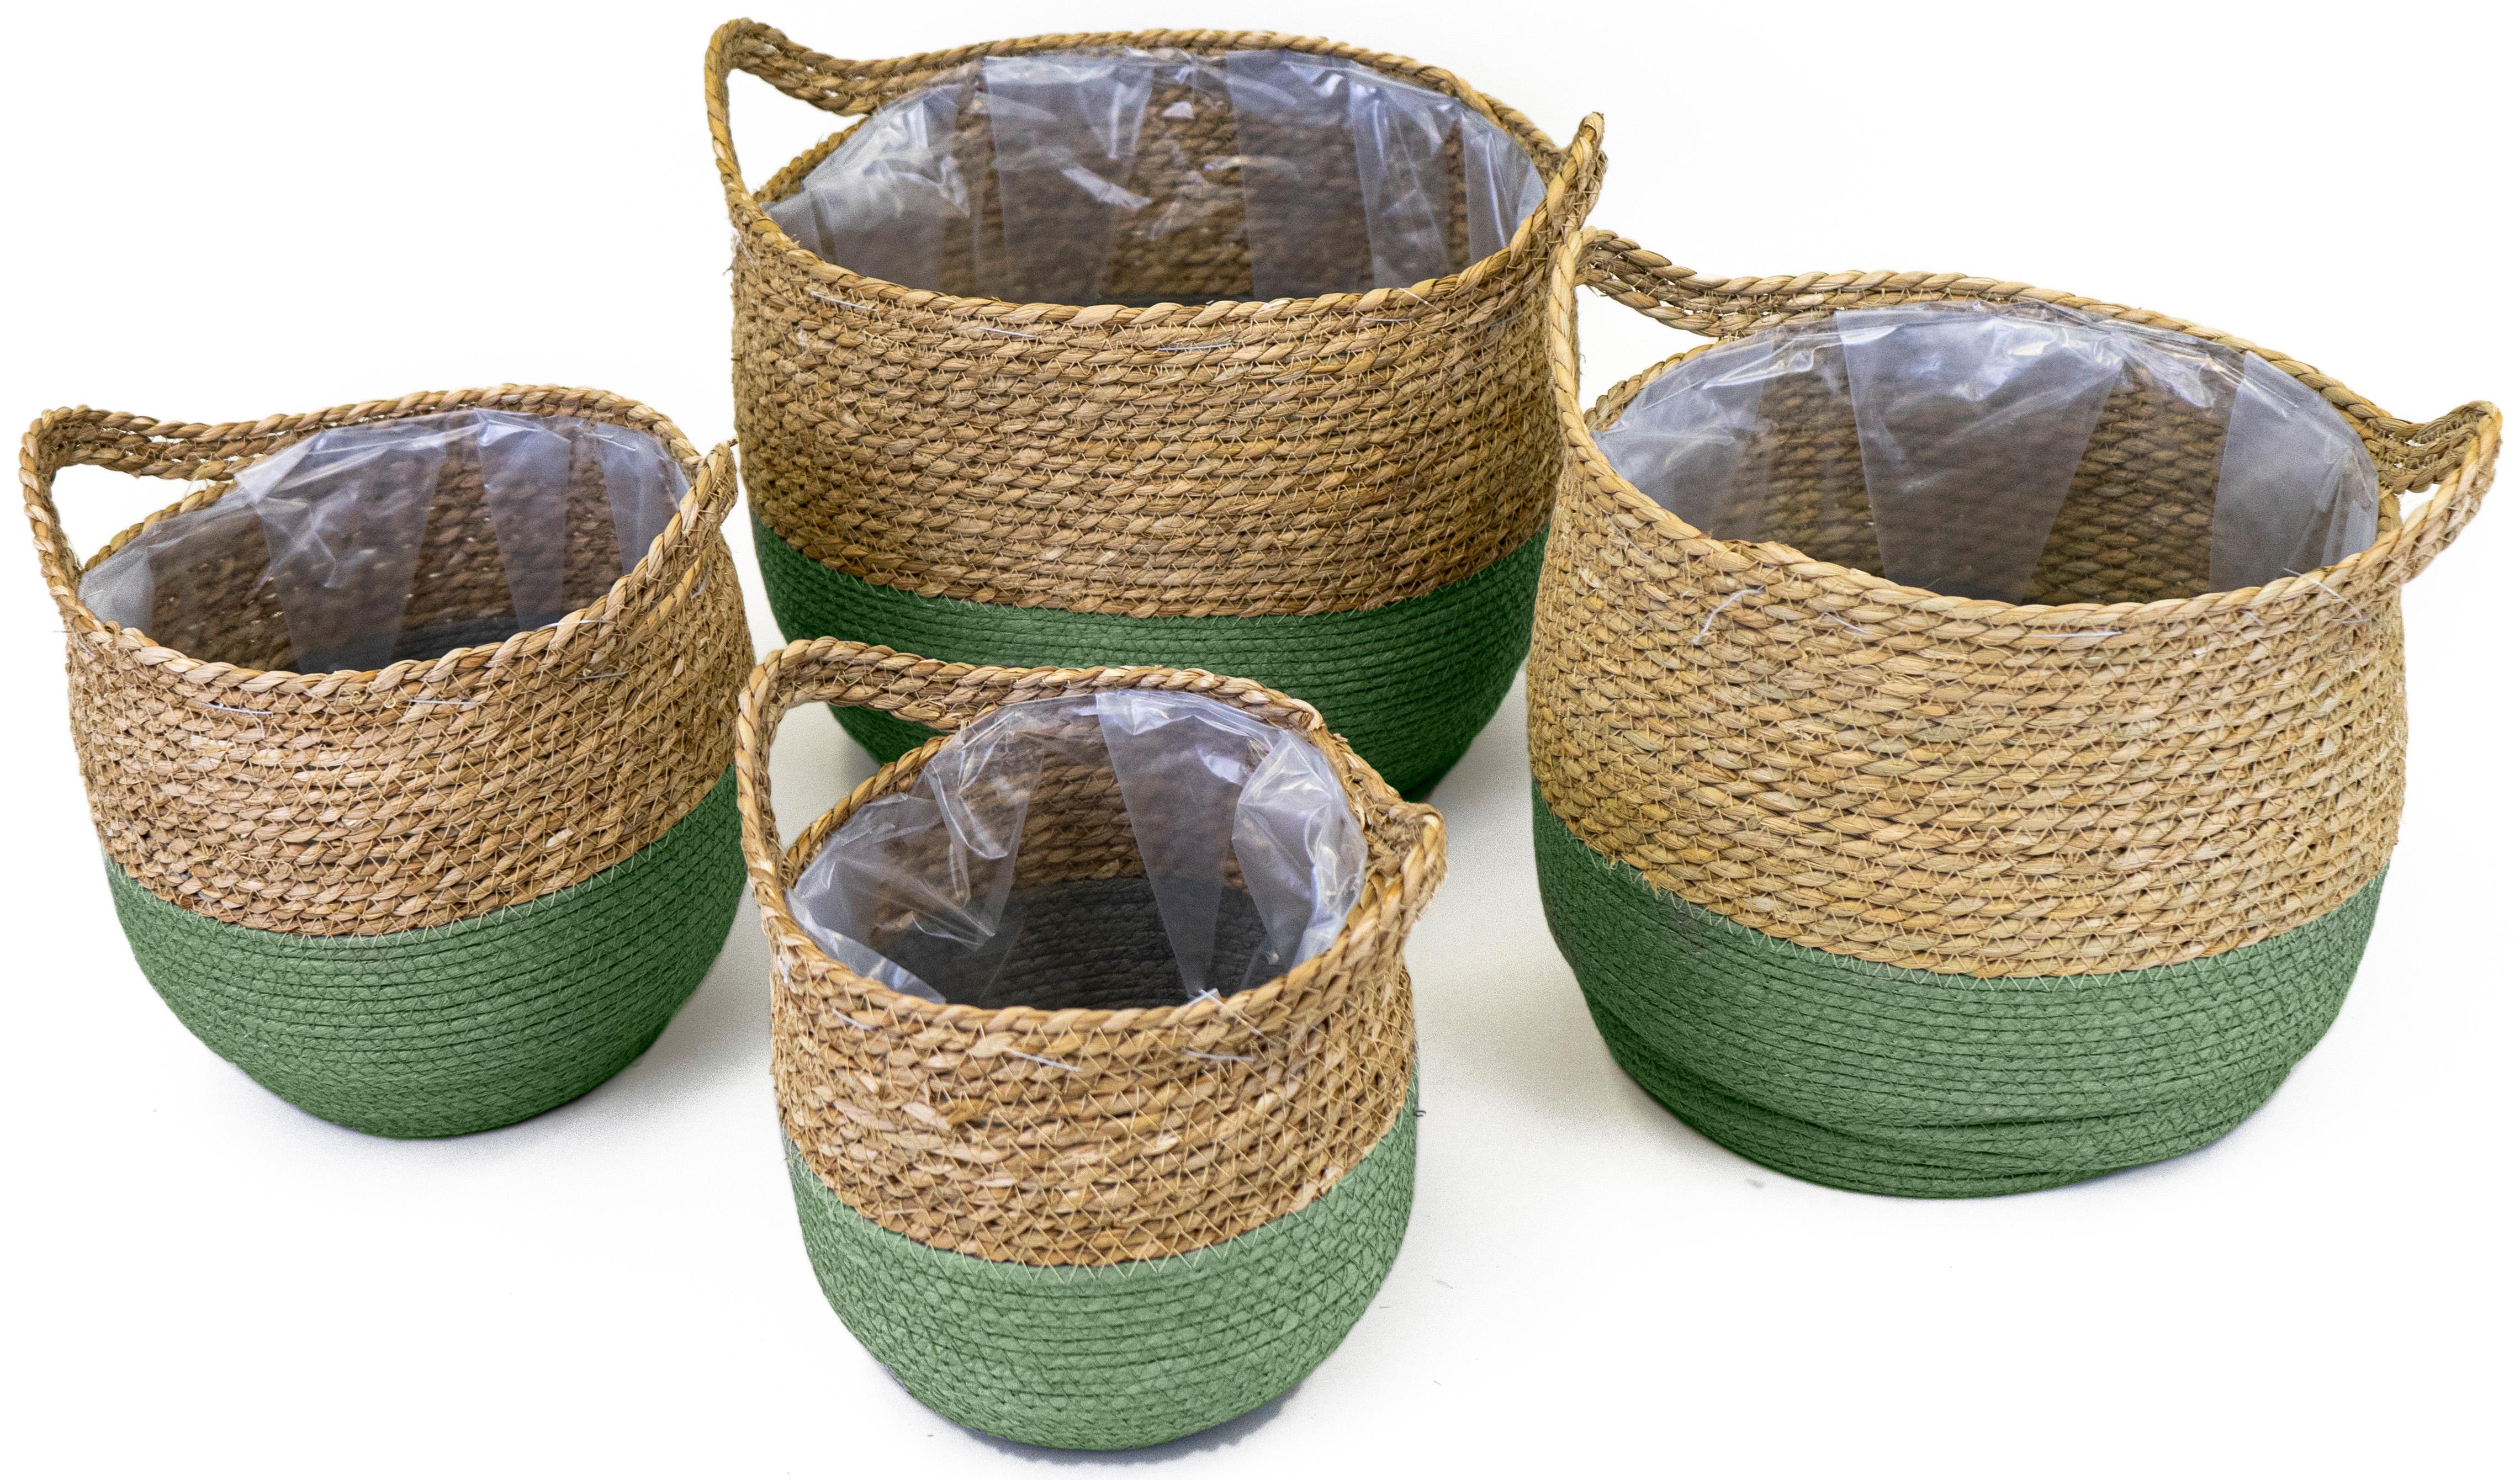 NOOR LIVING Aufbewahrungskorb, (Set, 4 St.), dekorative Aufbewahrung von verschiedenen Utensilien grün Körbe Ordnung Wohnaccessoires Aufbewahrungskorb